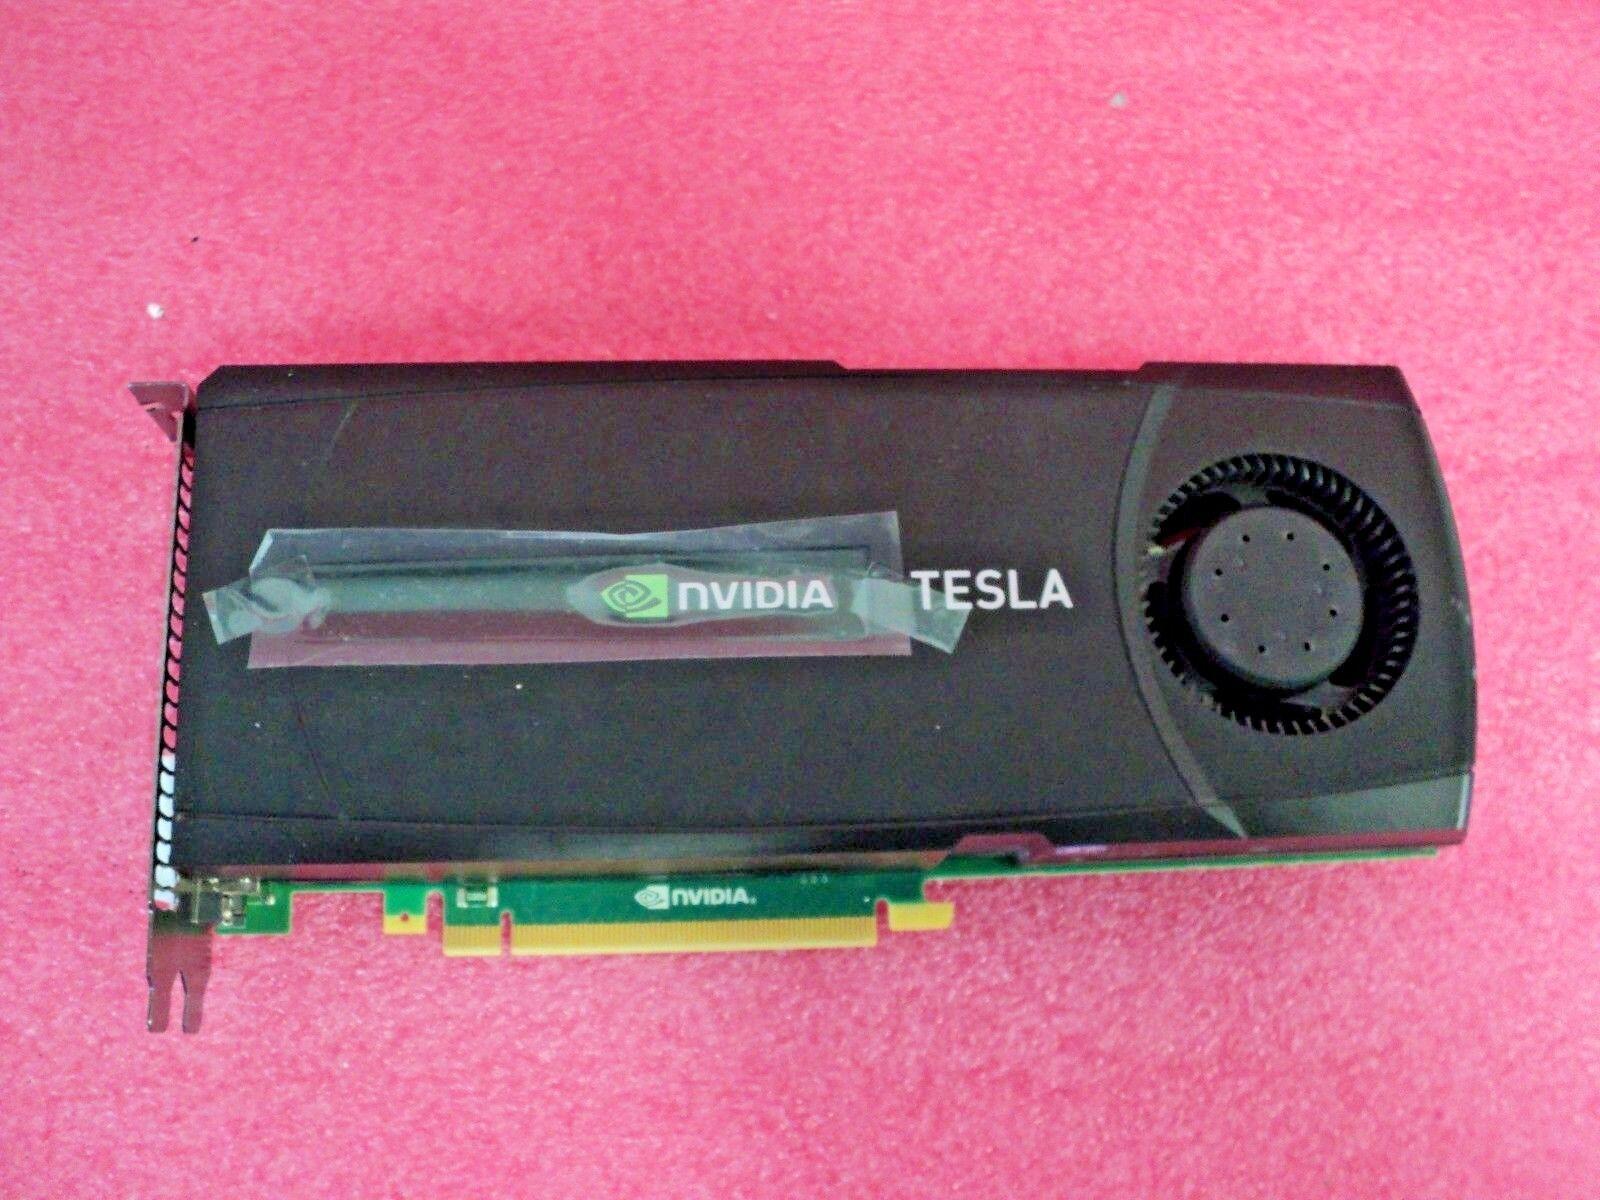 Nvidia Tesla C2075 900-21030-2220-100 AB 699-21030-0221-210 C